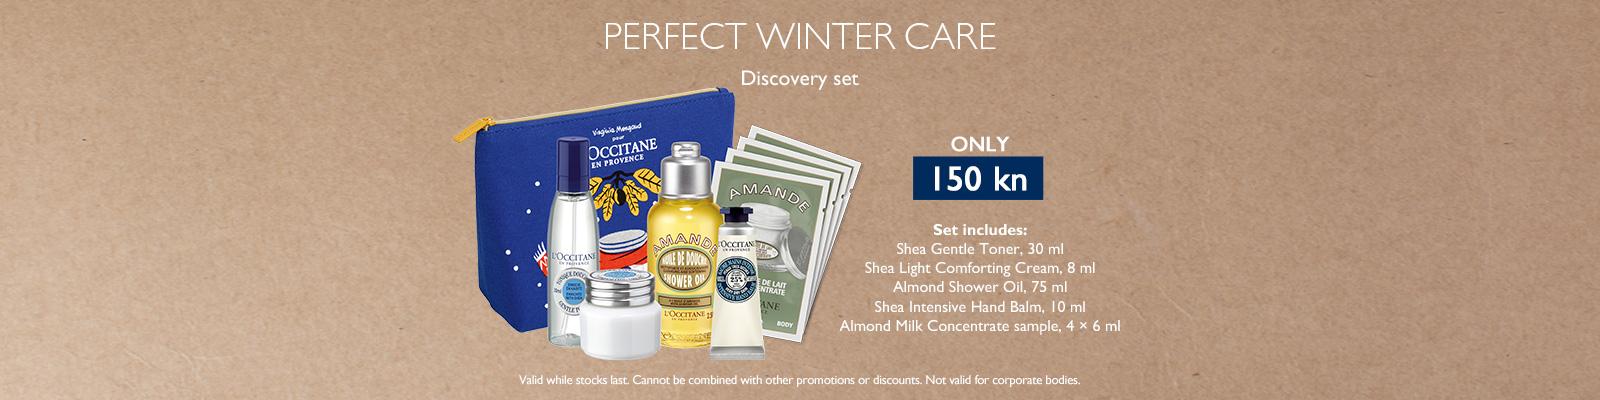 Perfect Winter Care